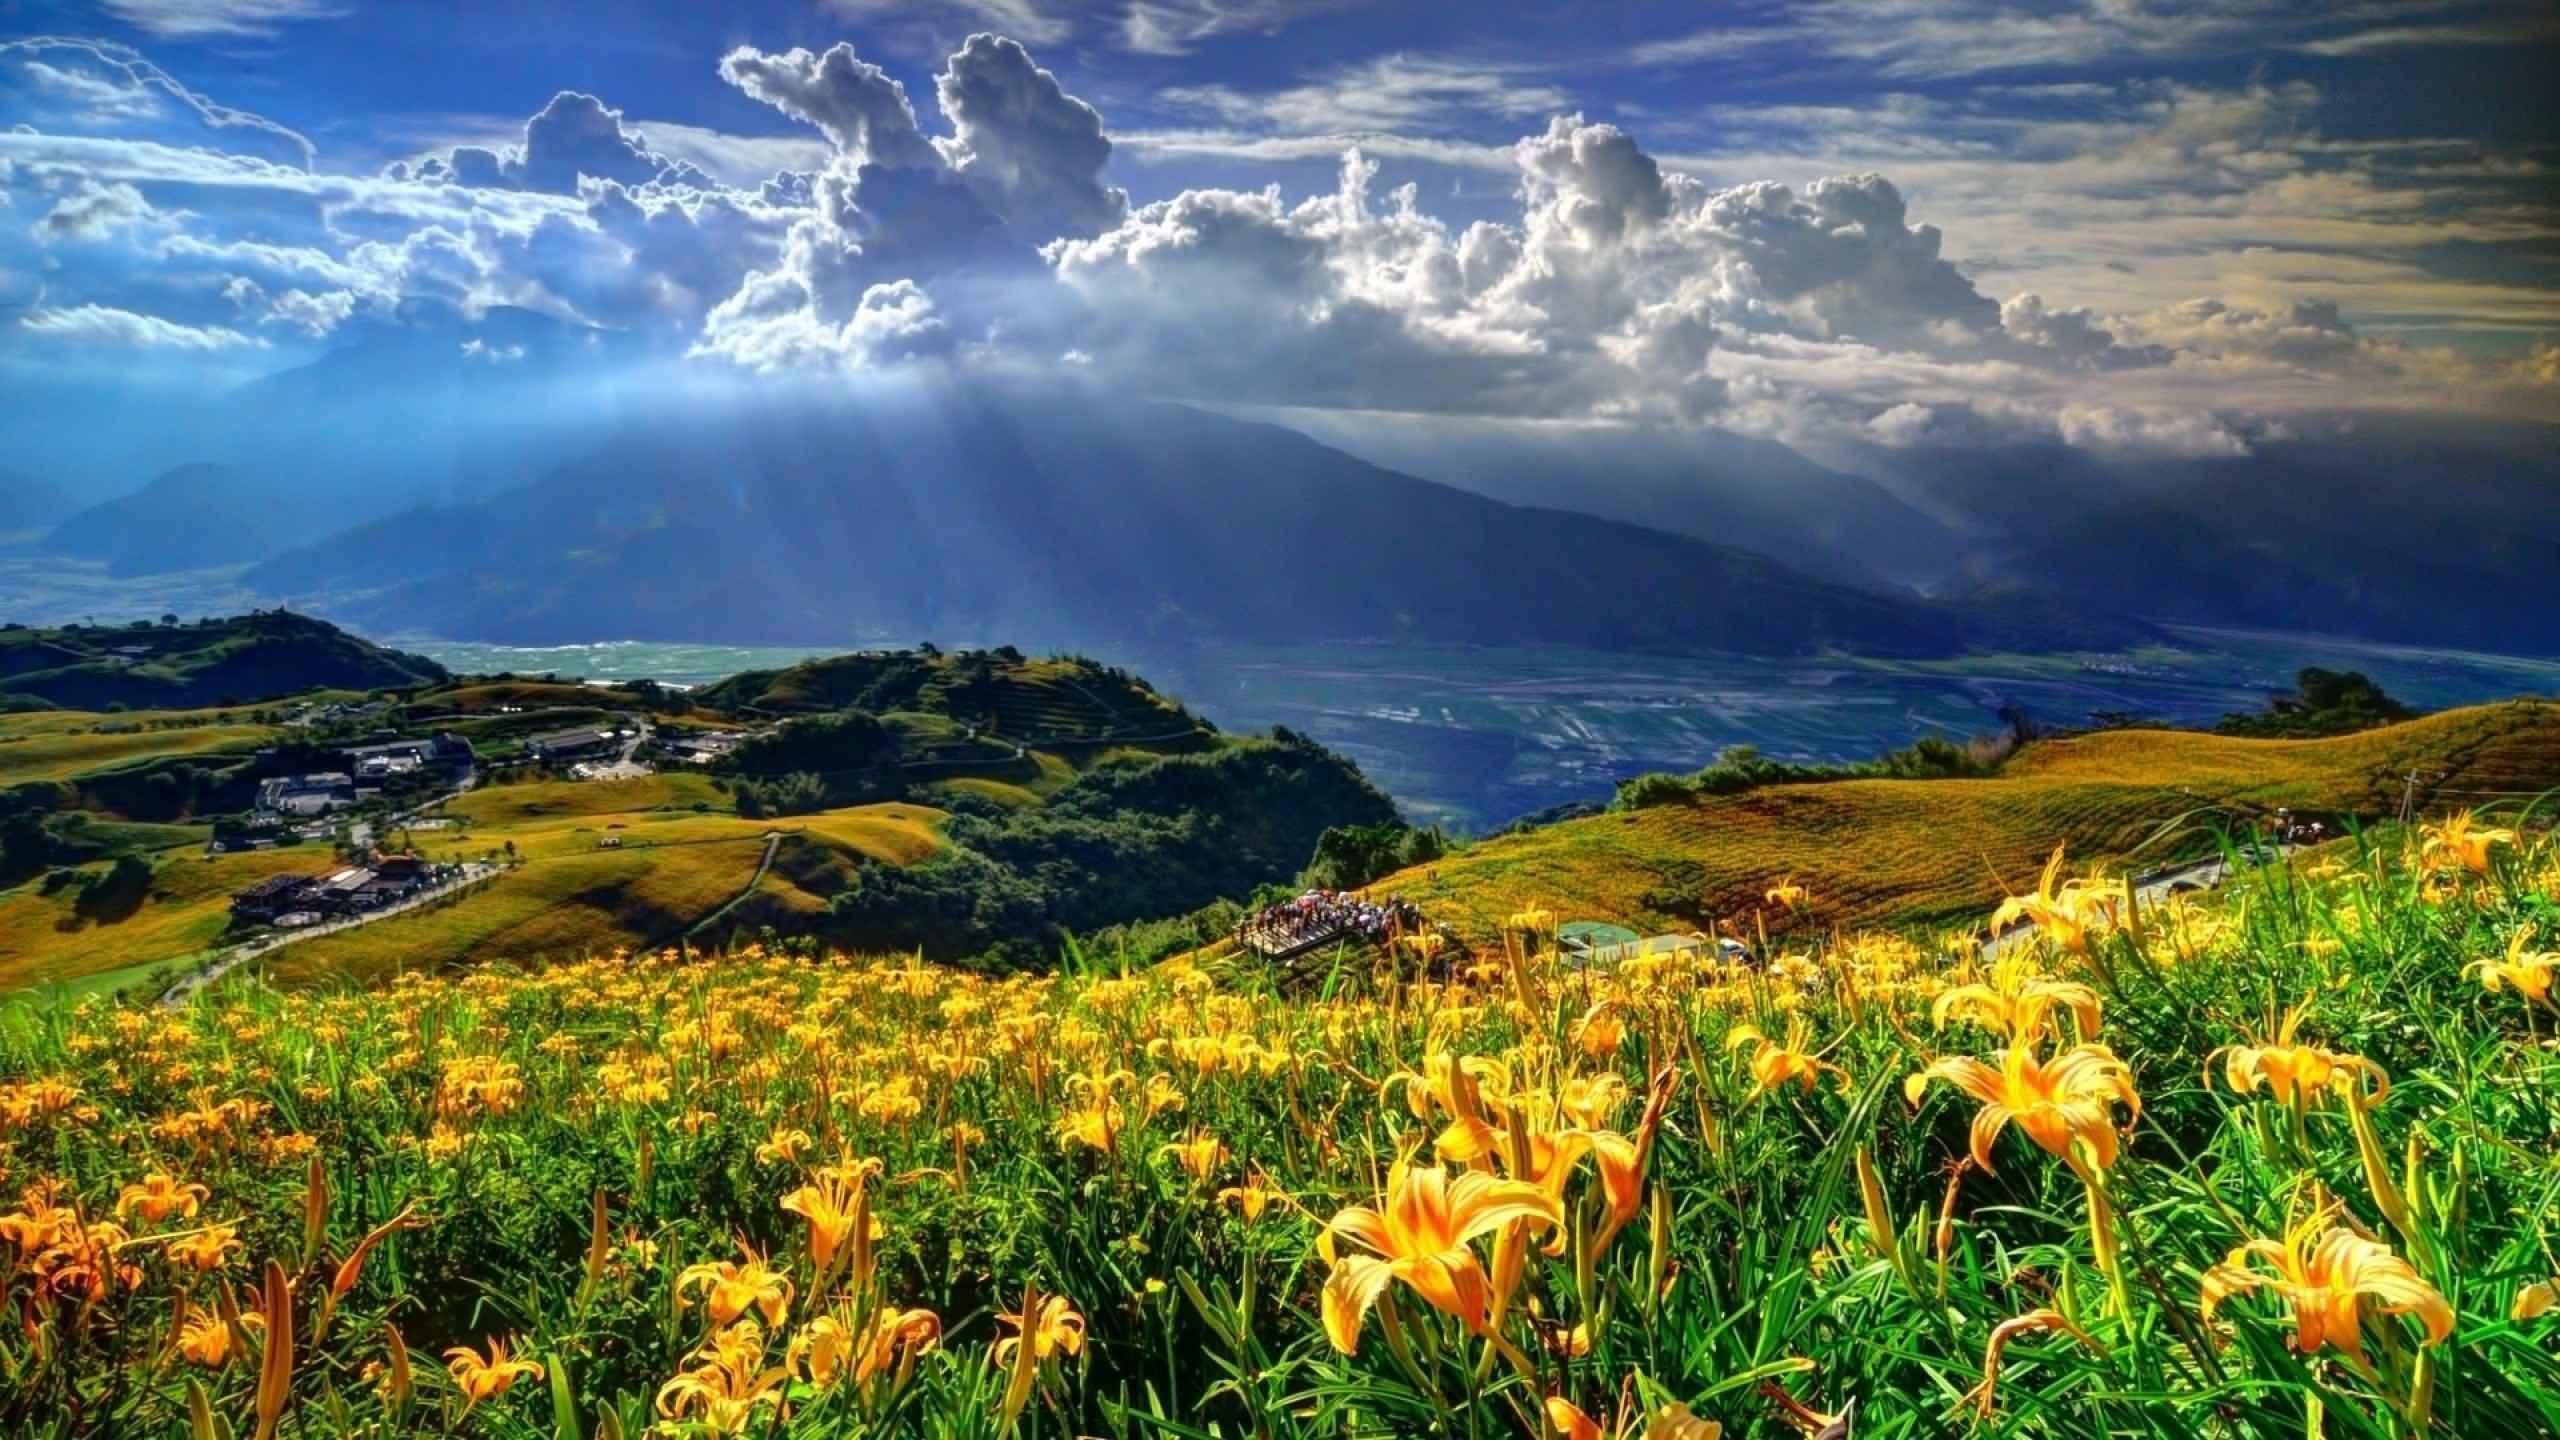 bulut dag dogal doga manzarasi Muhteşem Doğal Doğa Manzaraları